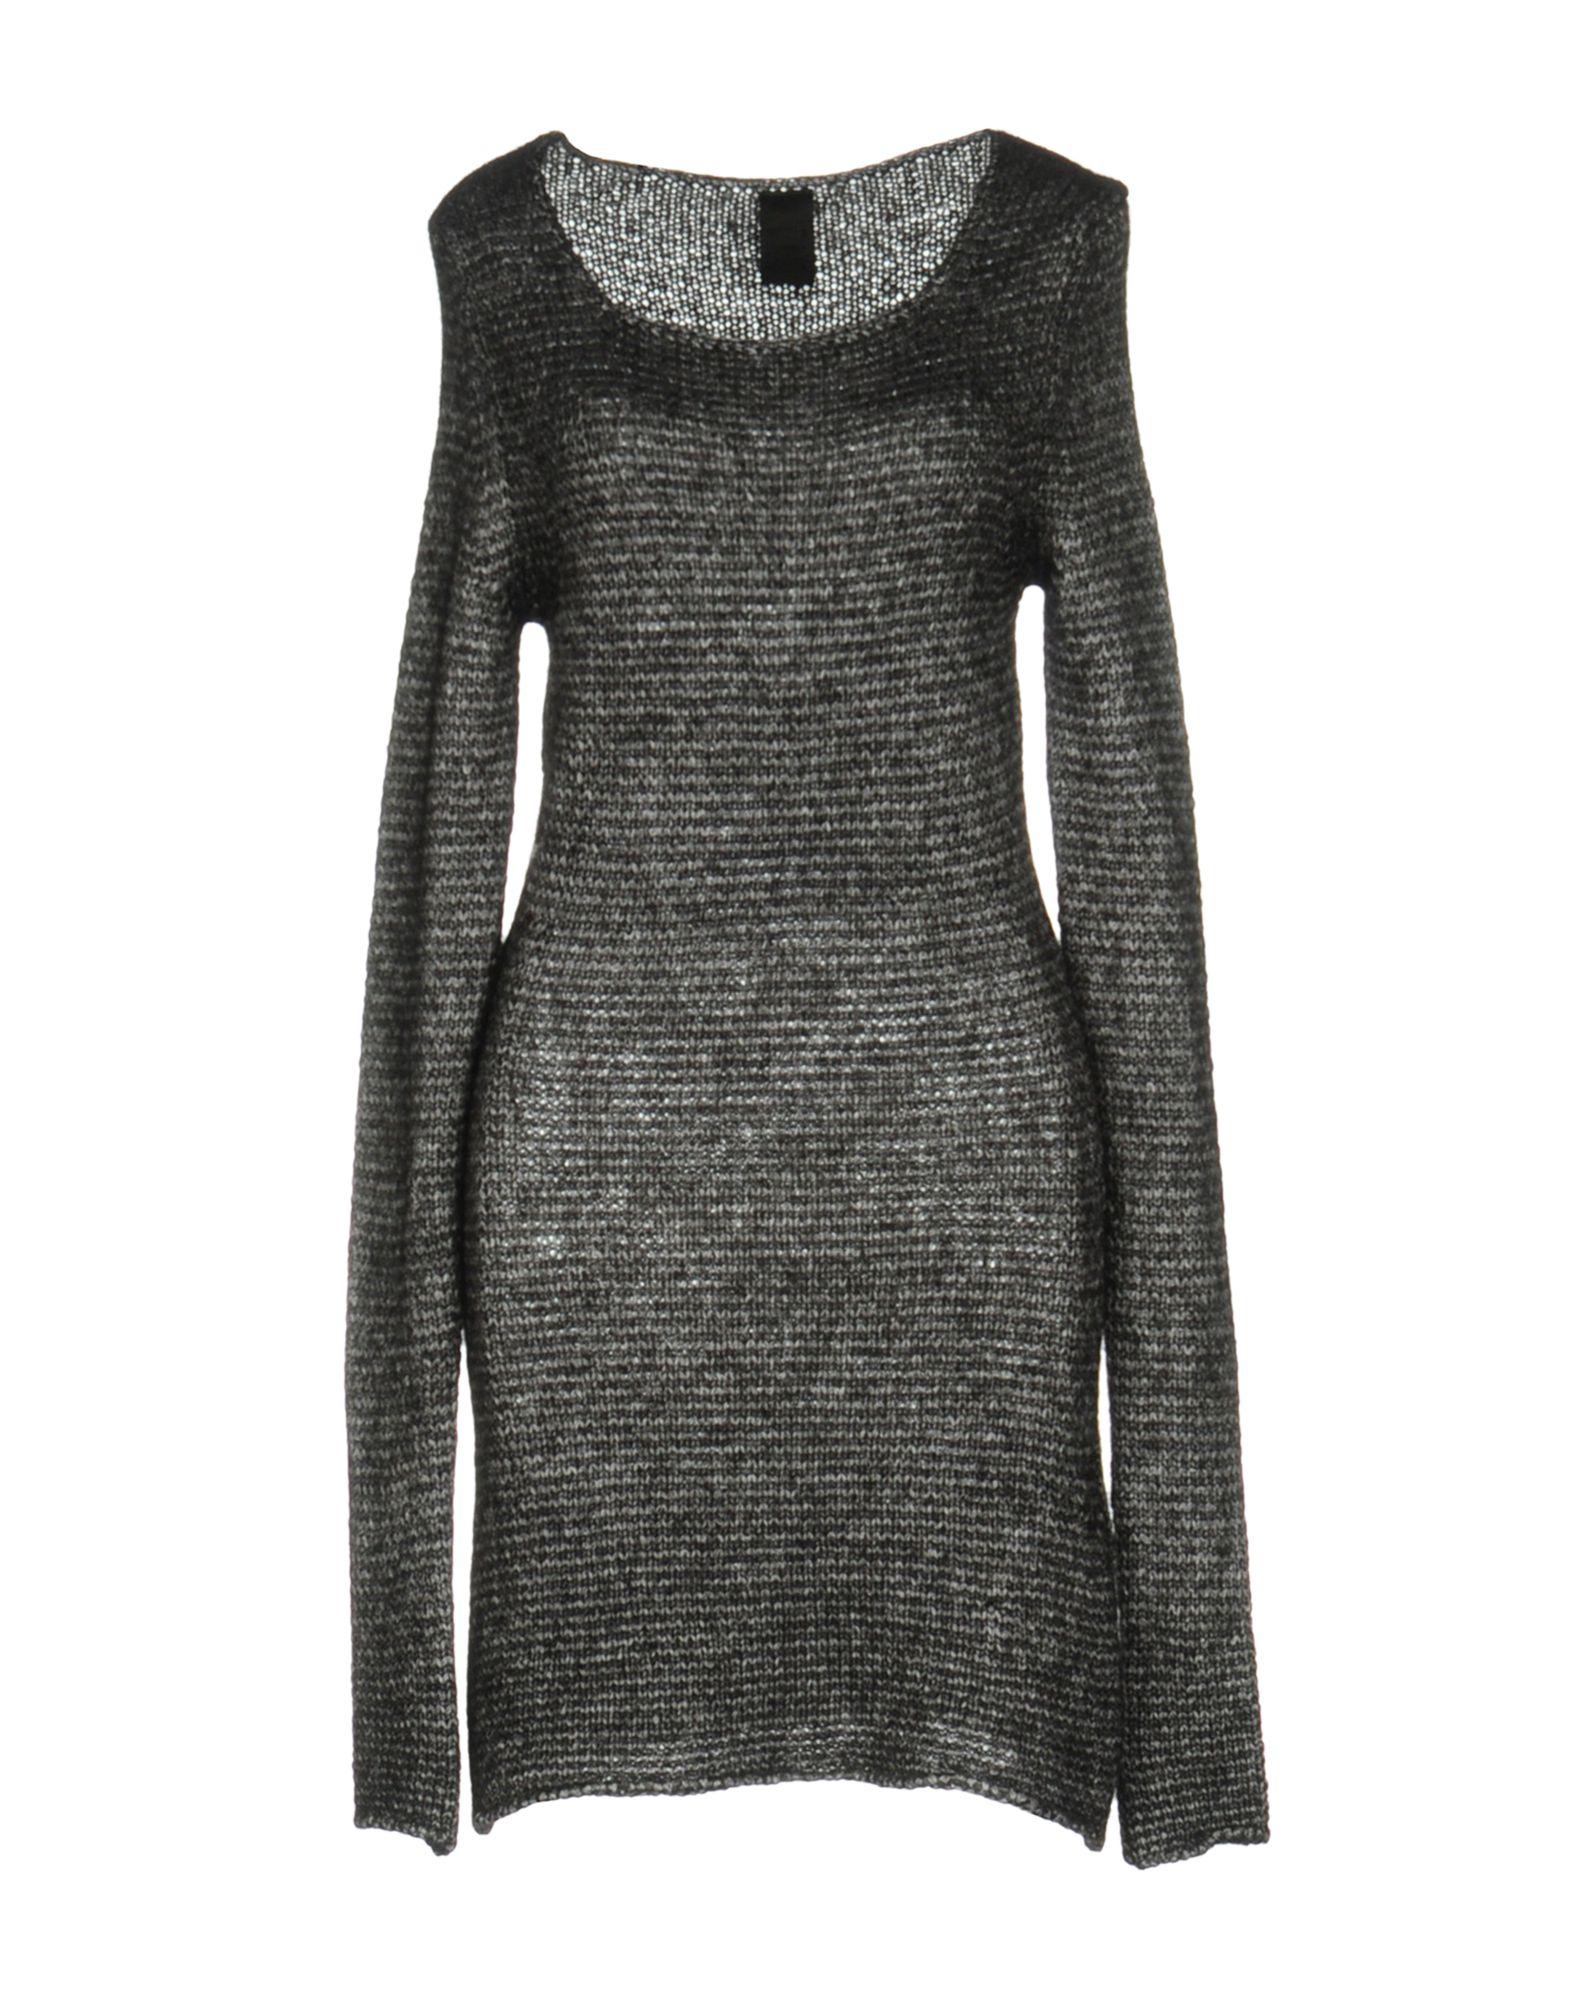 10SEI0OTTO Короткое платье платье otto цвет серебристый